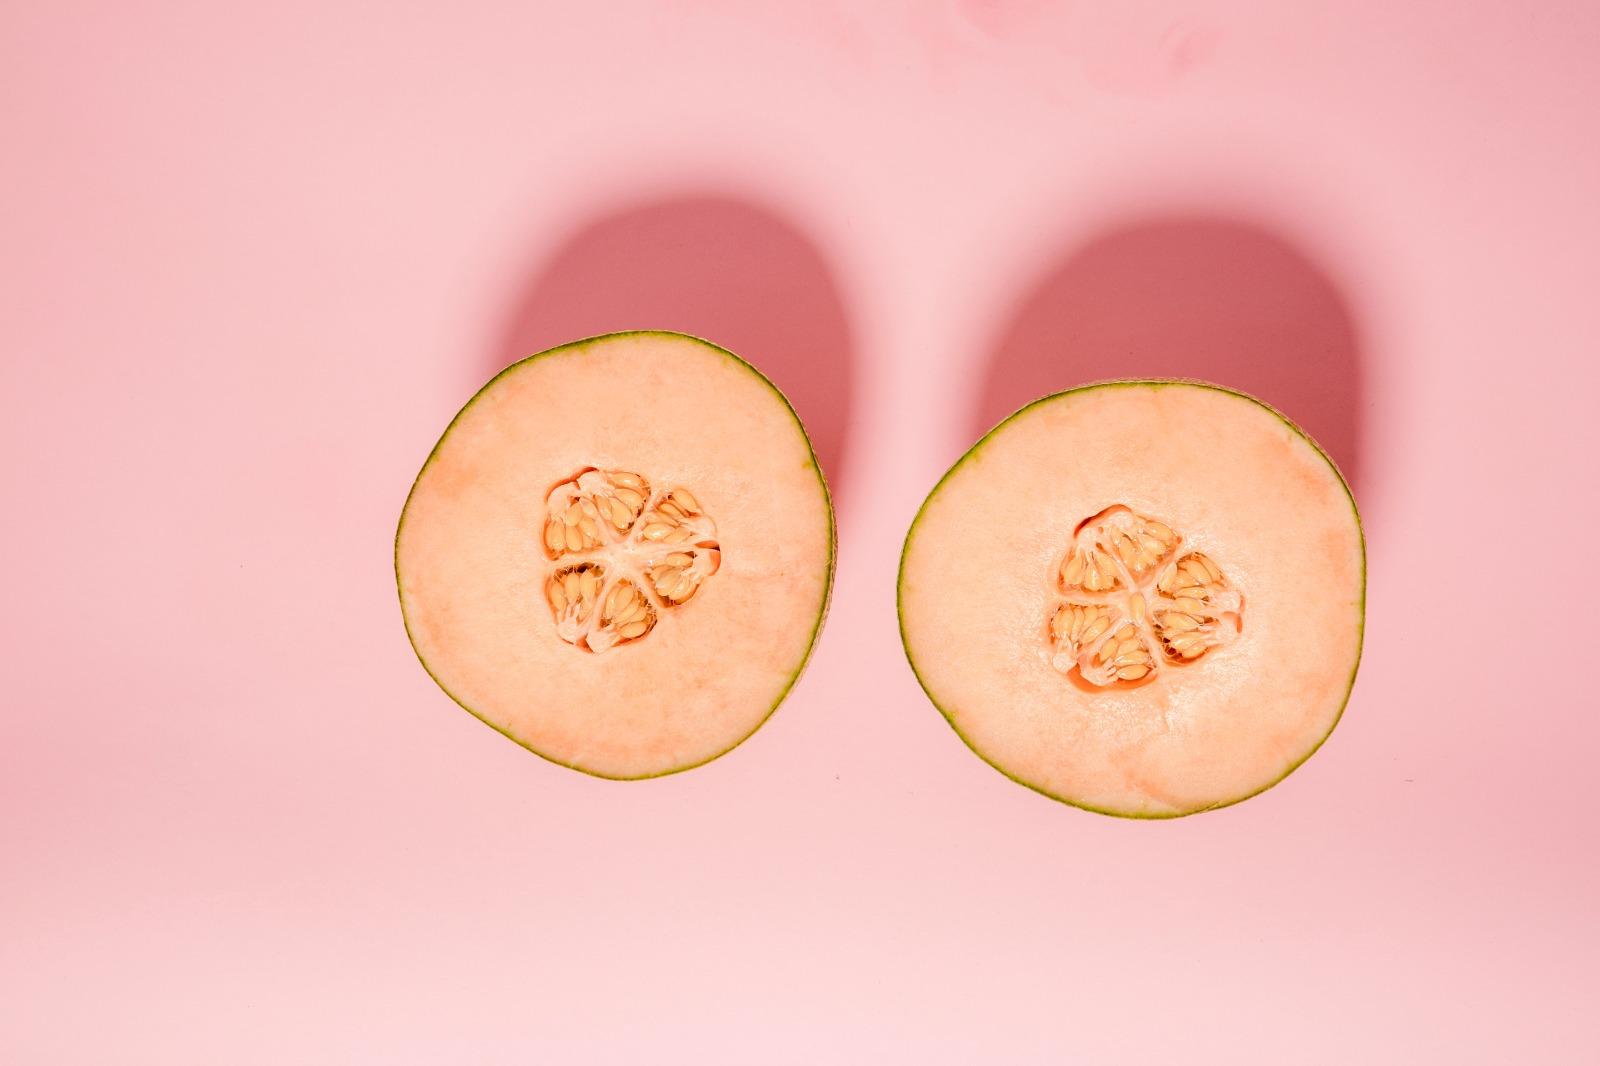 Un medic demontează miturile despre silicoane. Marilyn Monroe, autorul moral al cursei pentru modificarea sânilor